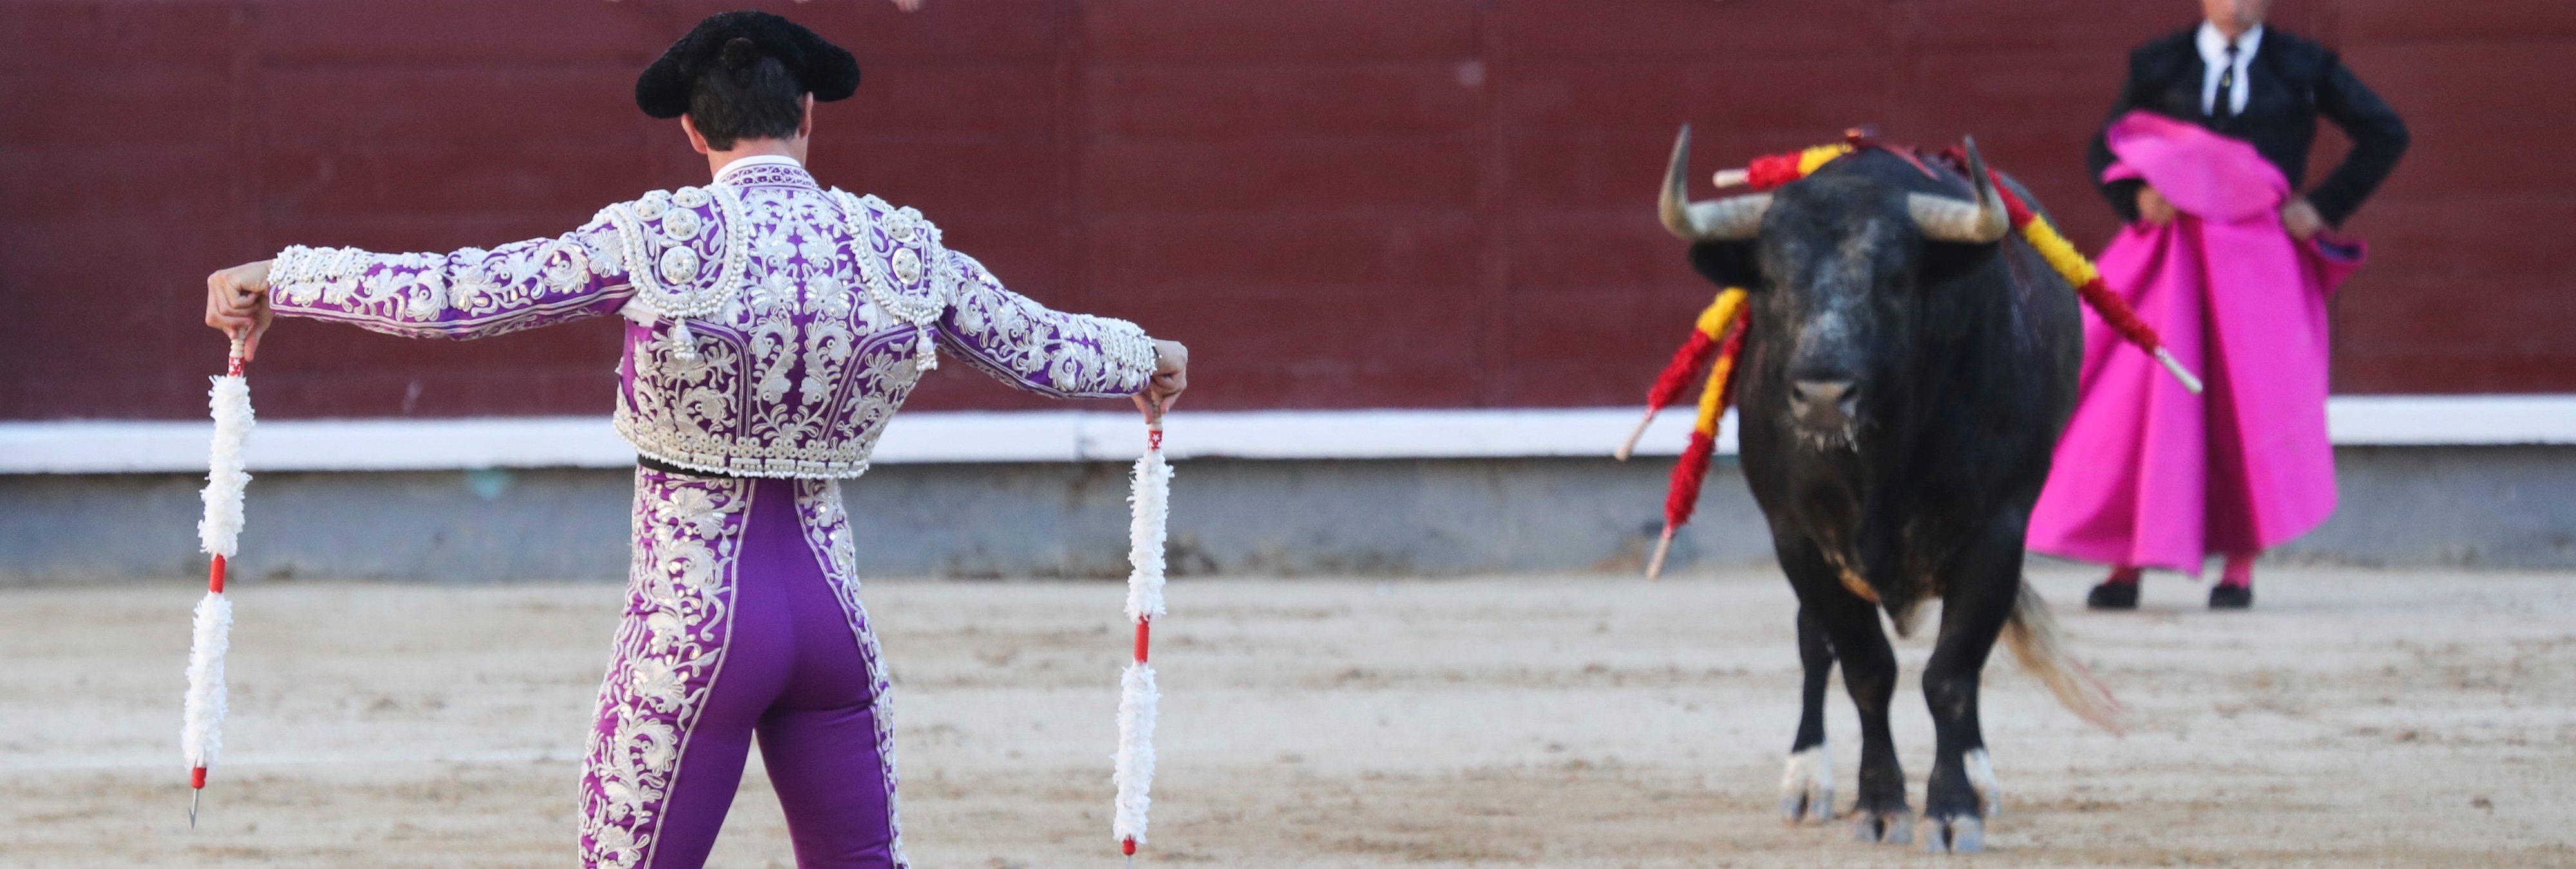 Las corridas de toros descienden un 31% en Madrid en los últimos diez años